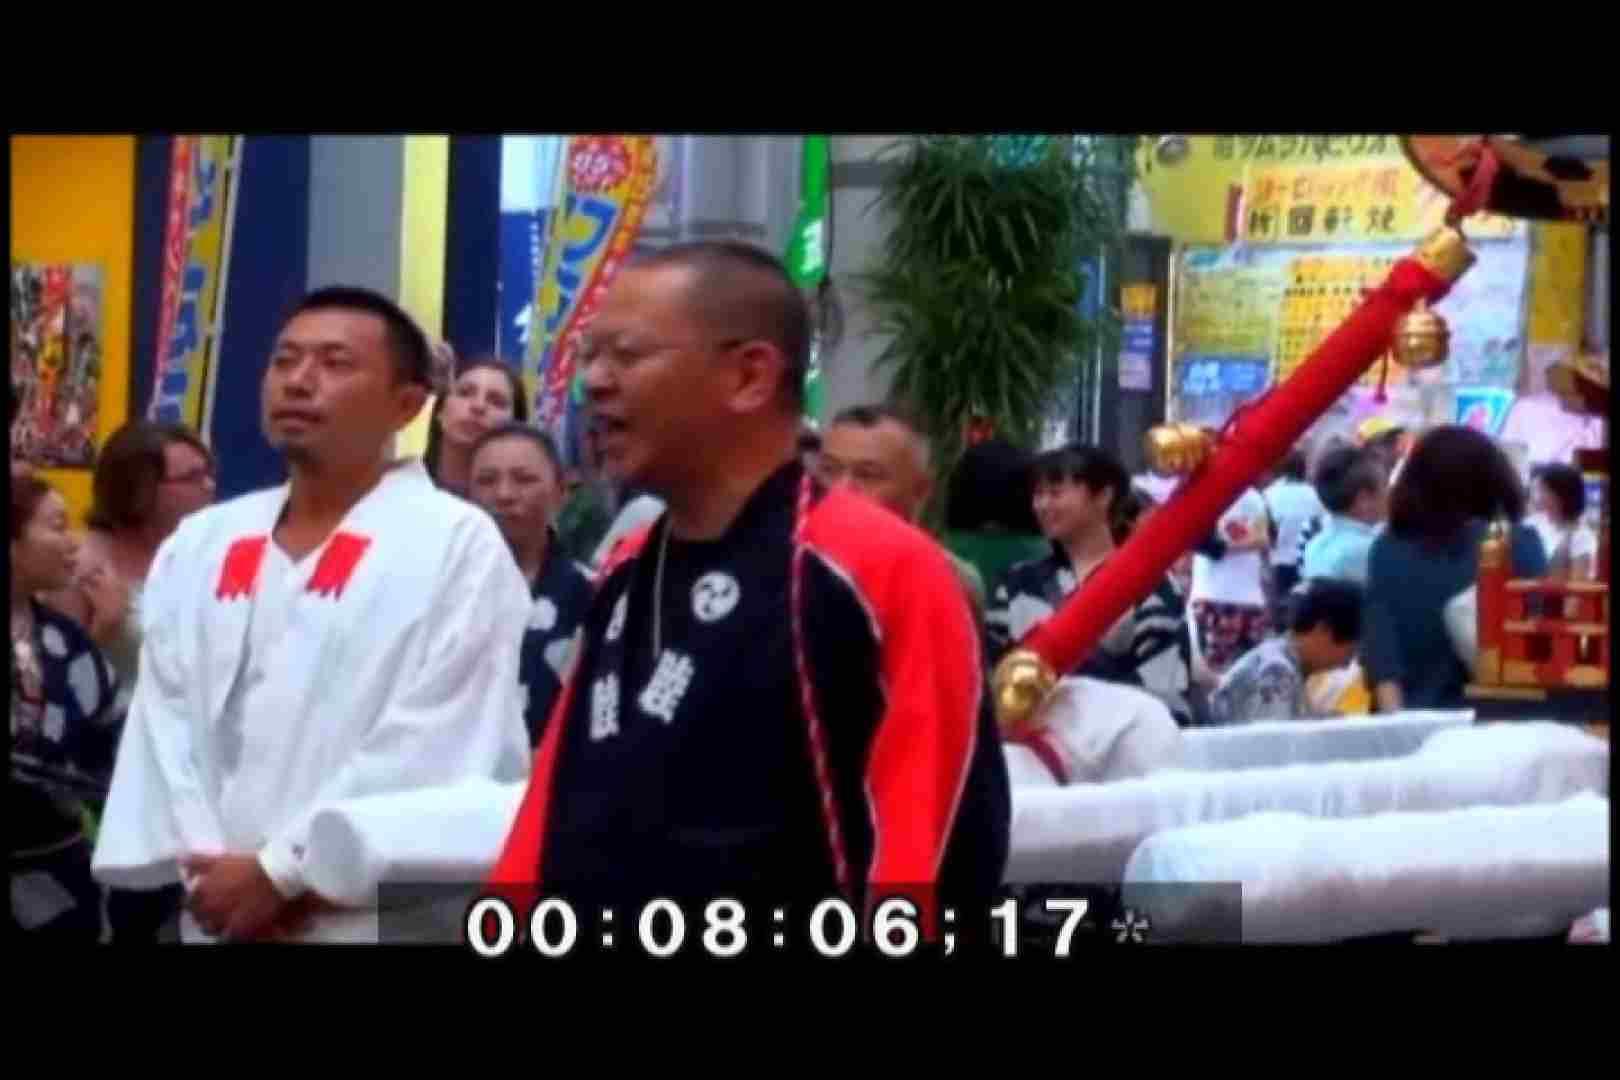 ゲイ 肉棒 動画|日本の誇り!VOL.01 薩○のぼっ○もん2009年度バージョン!|ノンケ